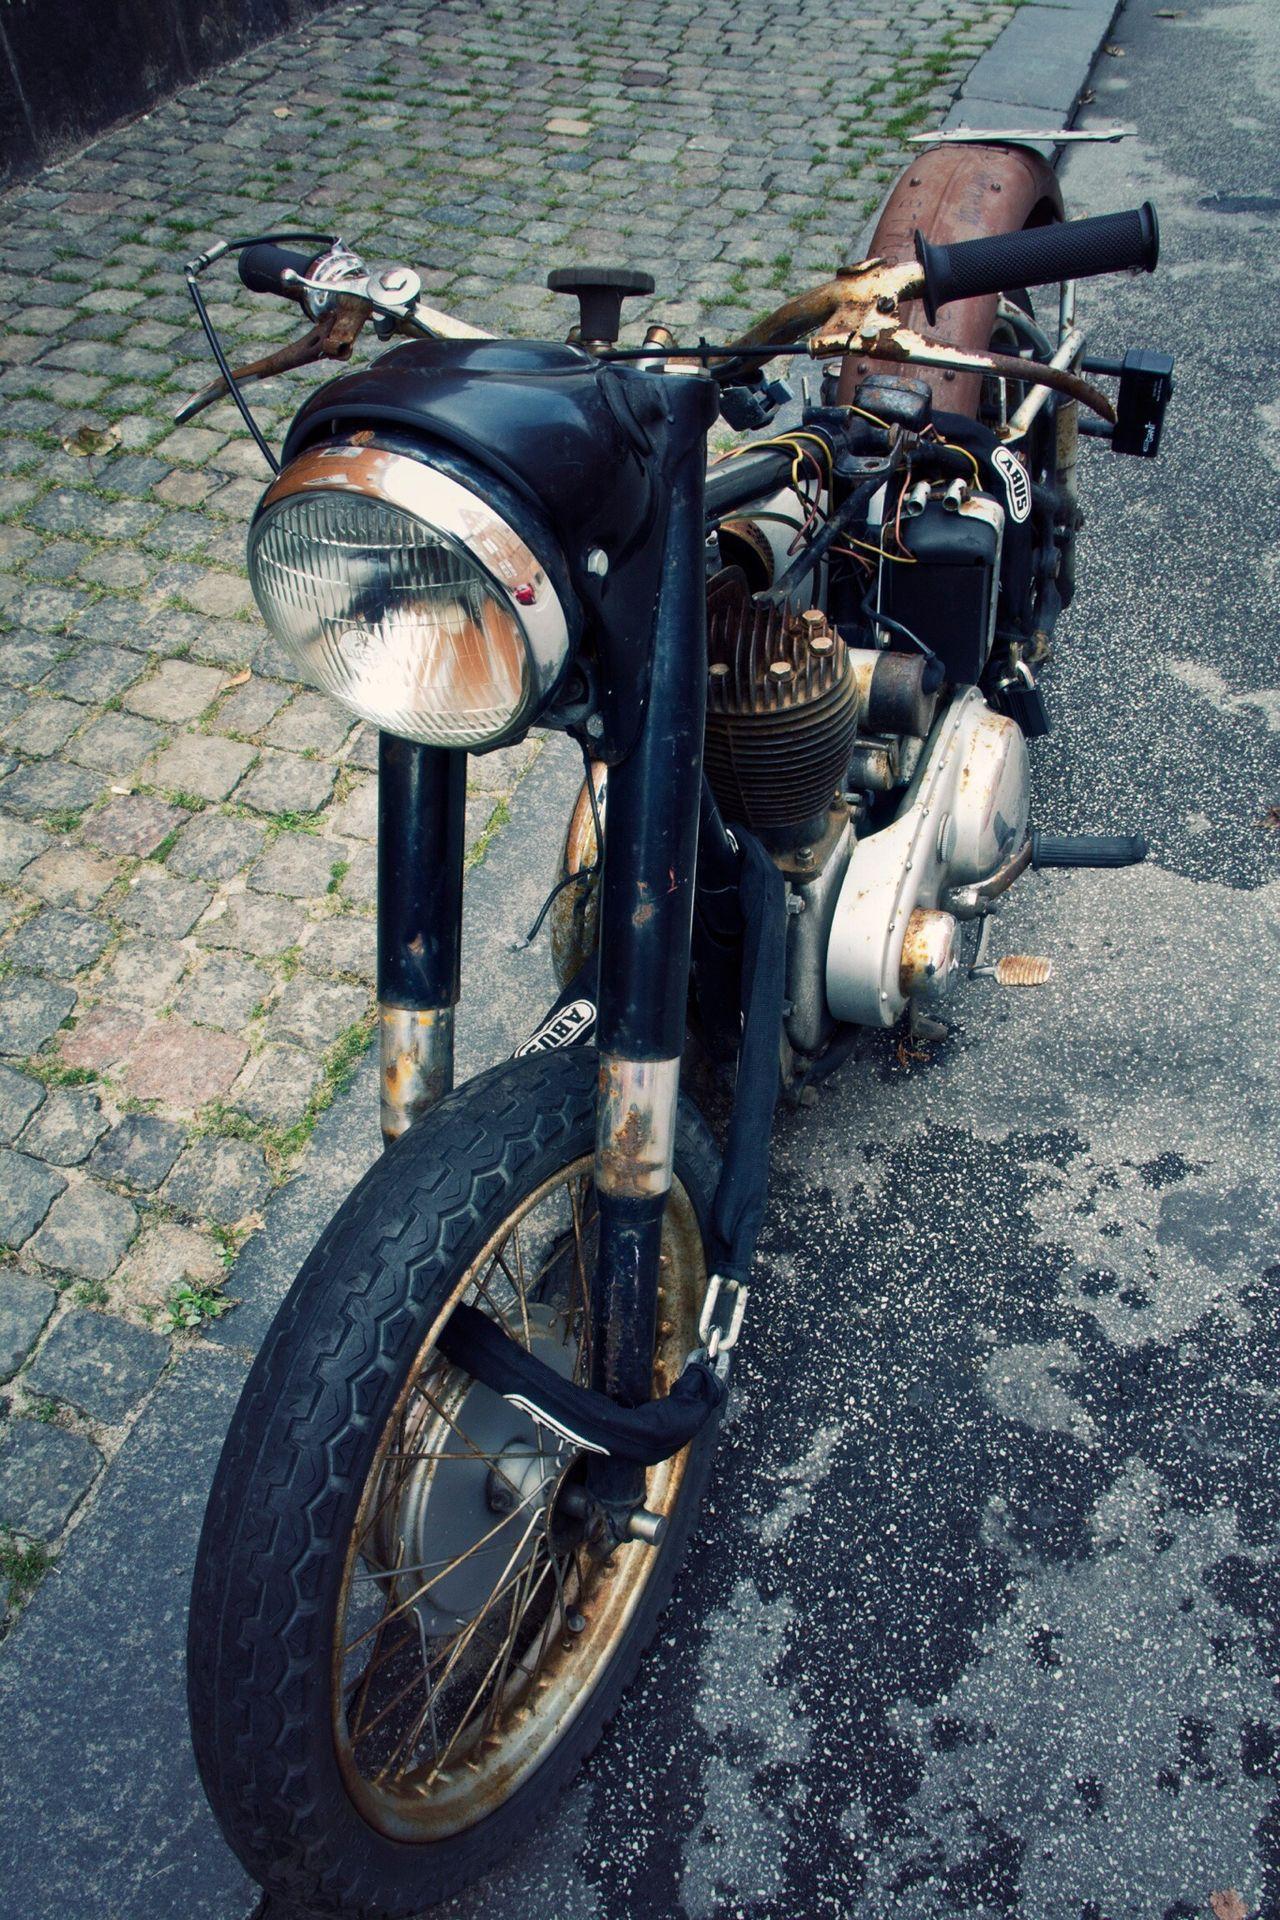 Copenhagen Motorcycles Street